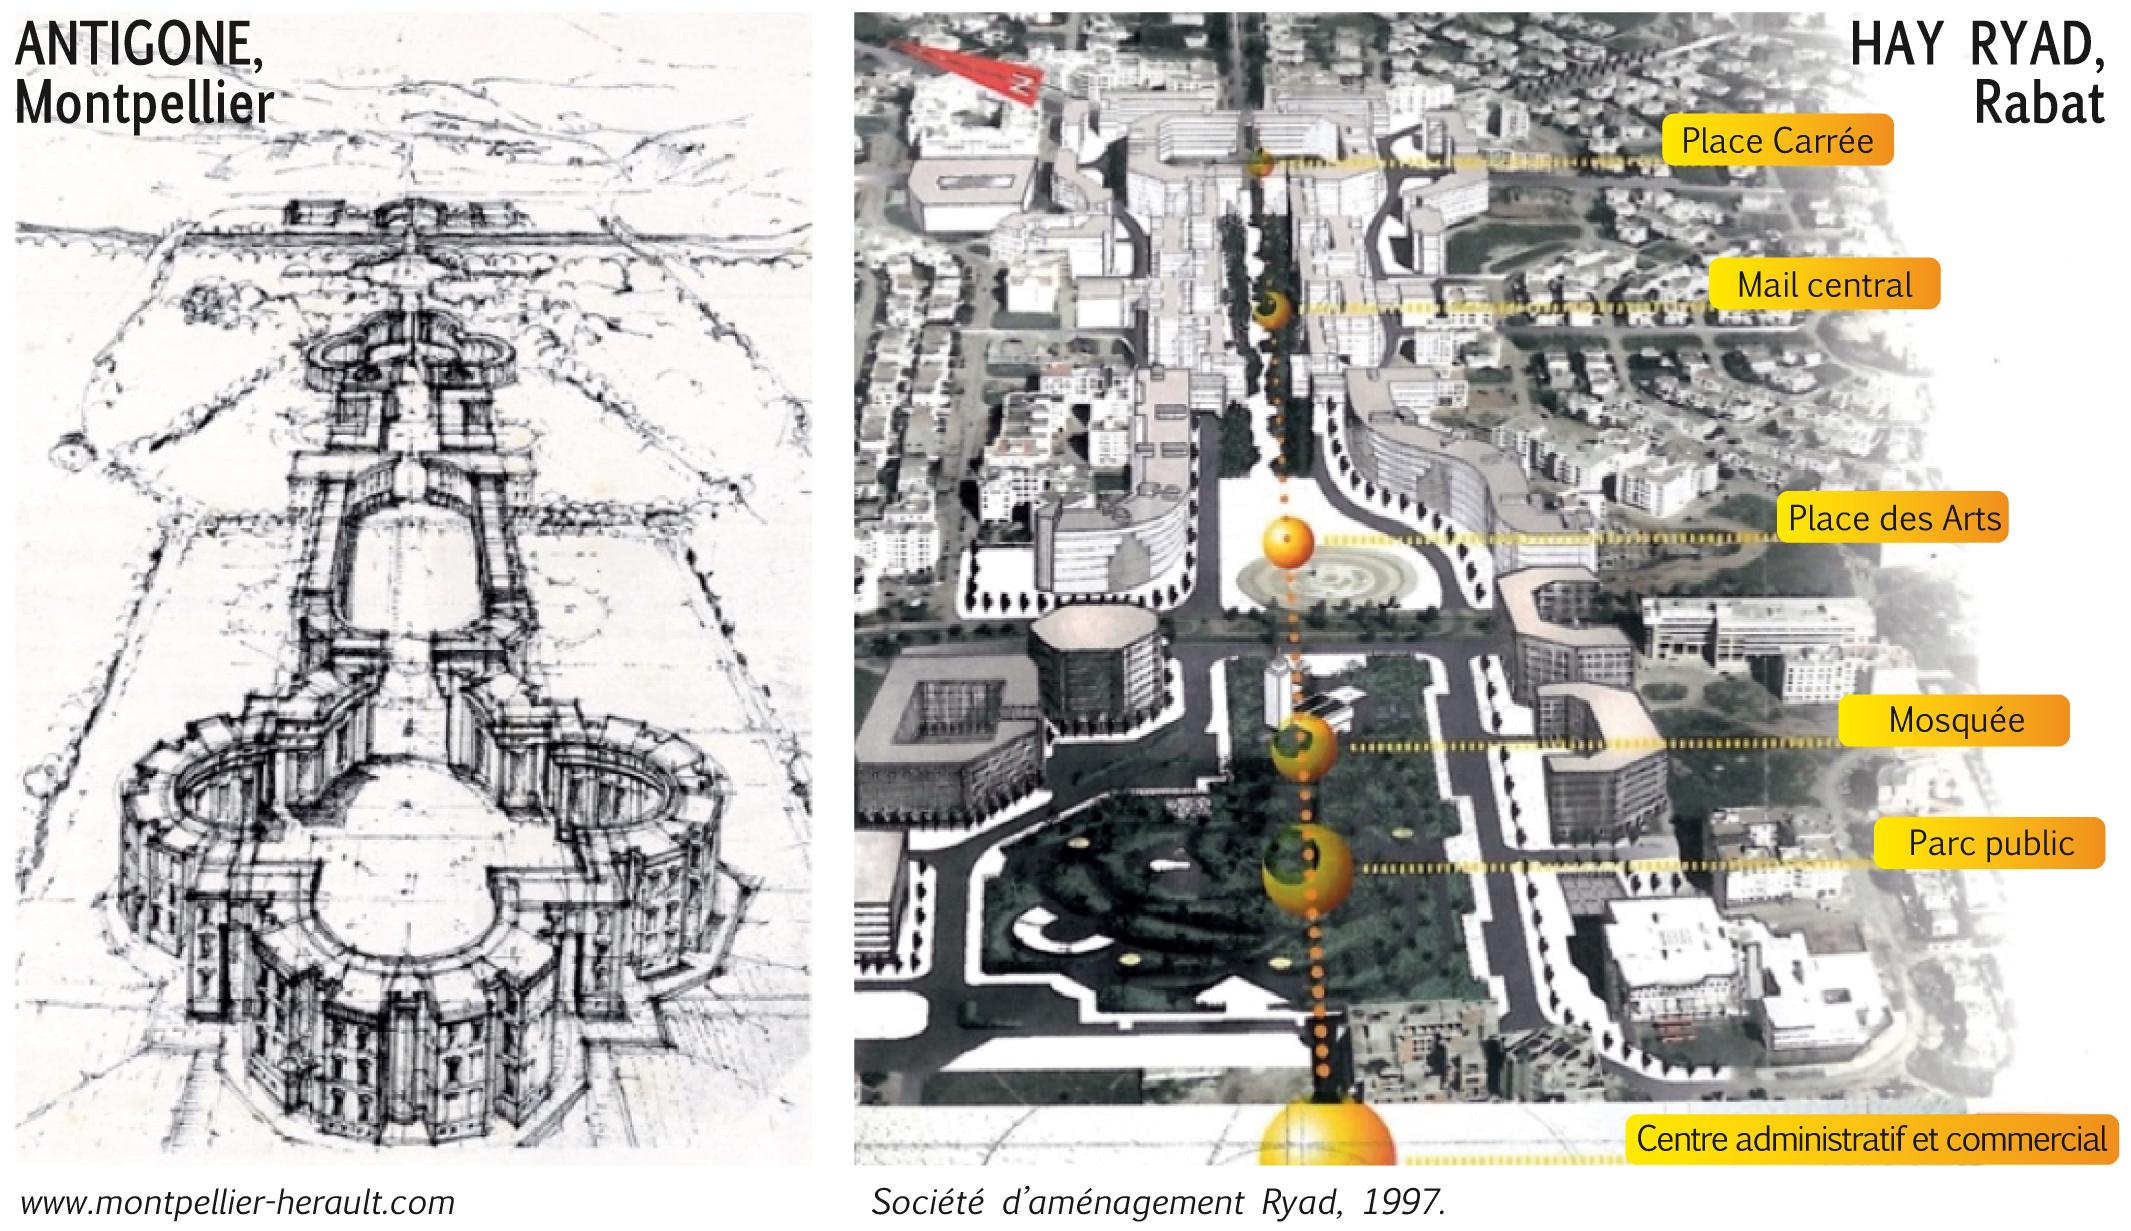 Hay Ryad à Rabat : de la ville nouvelle au quartier ?